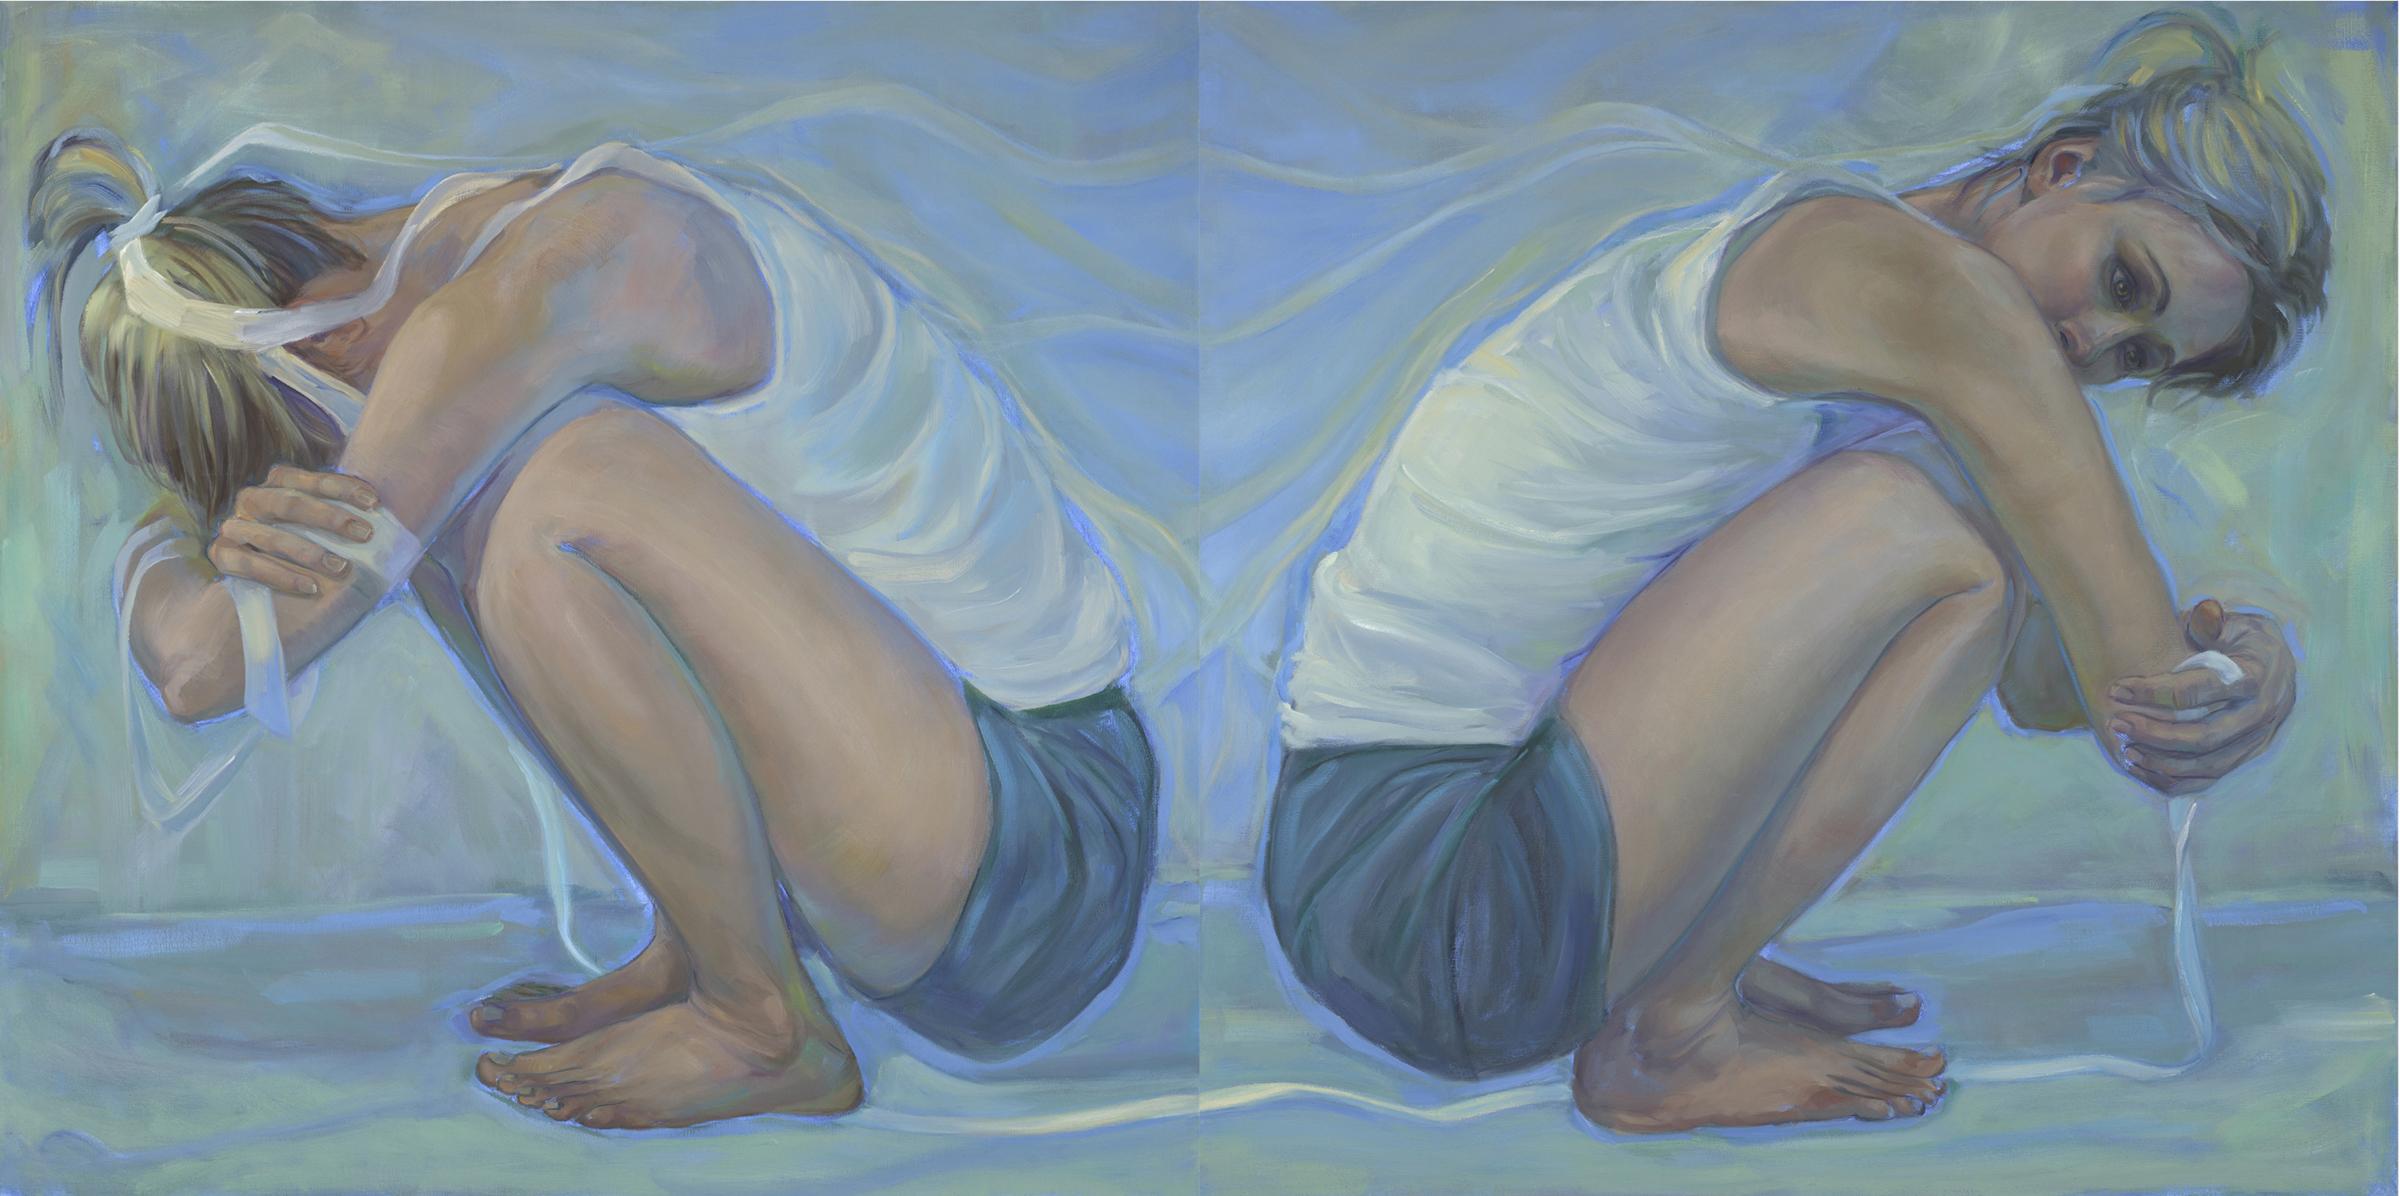 """""""Breaking the Ties That Bind"""" by Debra Lott, Oil on Canvas, 36x72in diptych, 2018"""